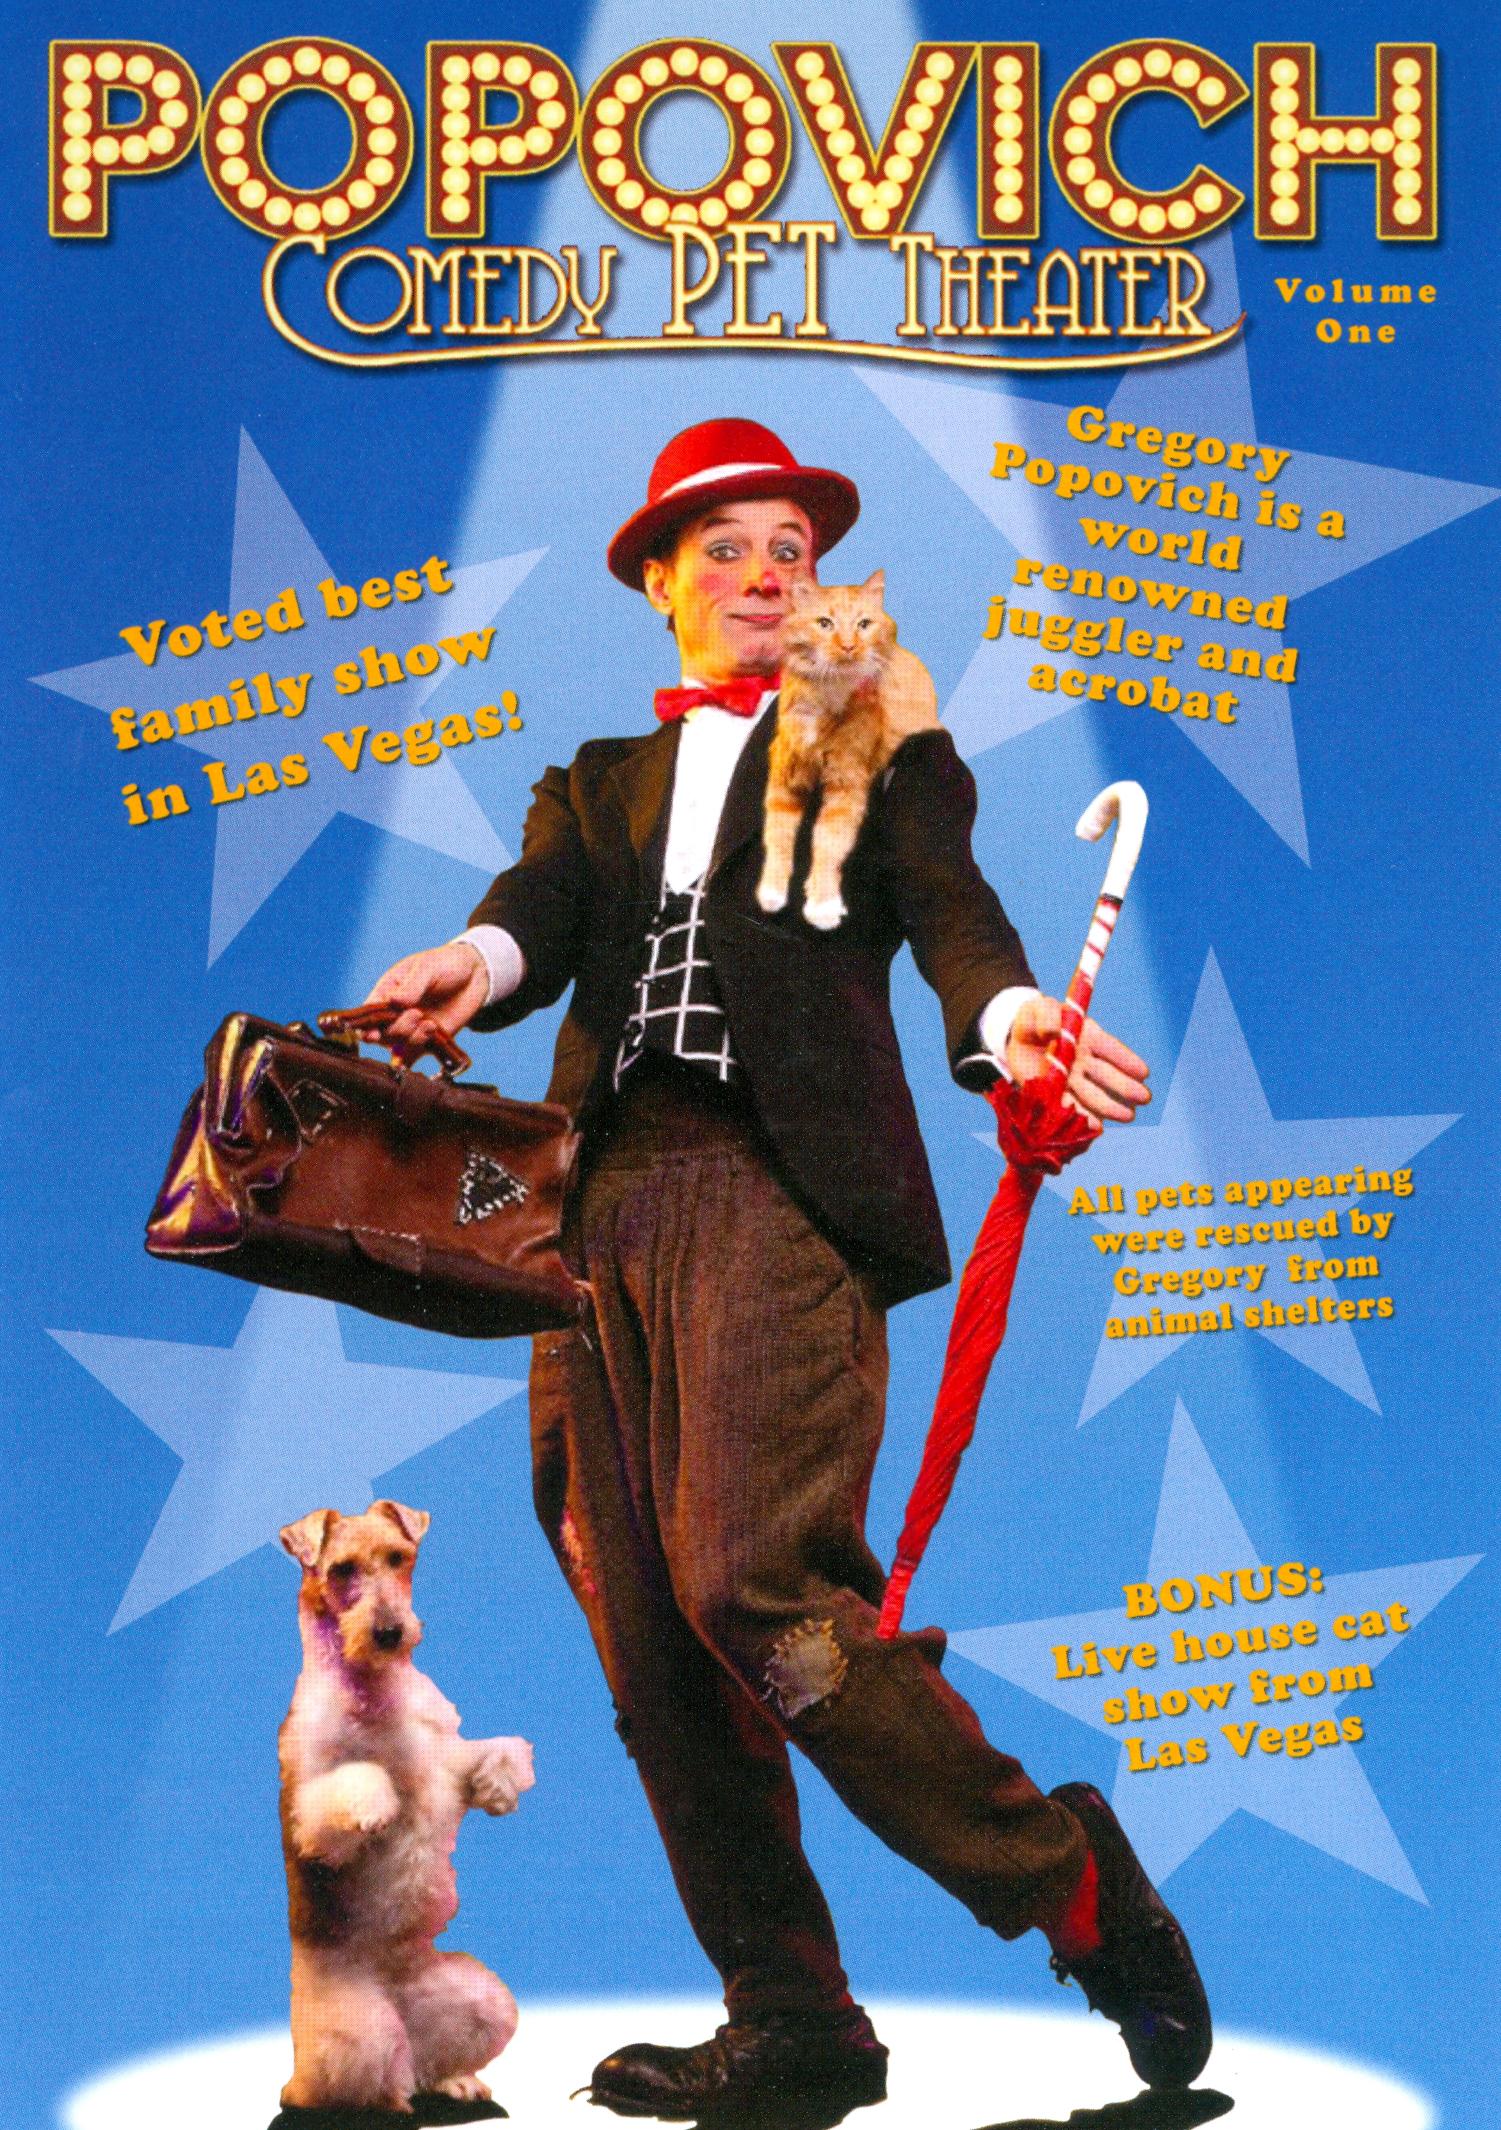 Popovich: Comedy Pet Theater, Vol. 1